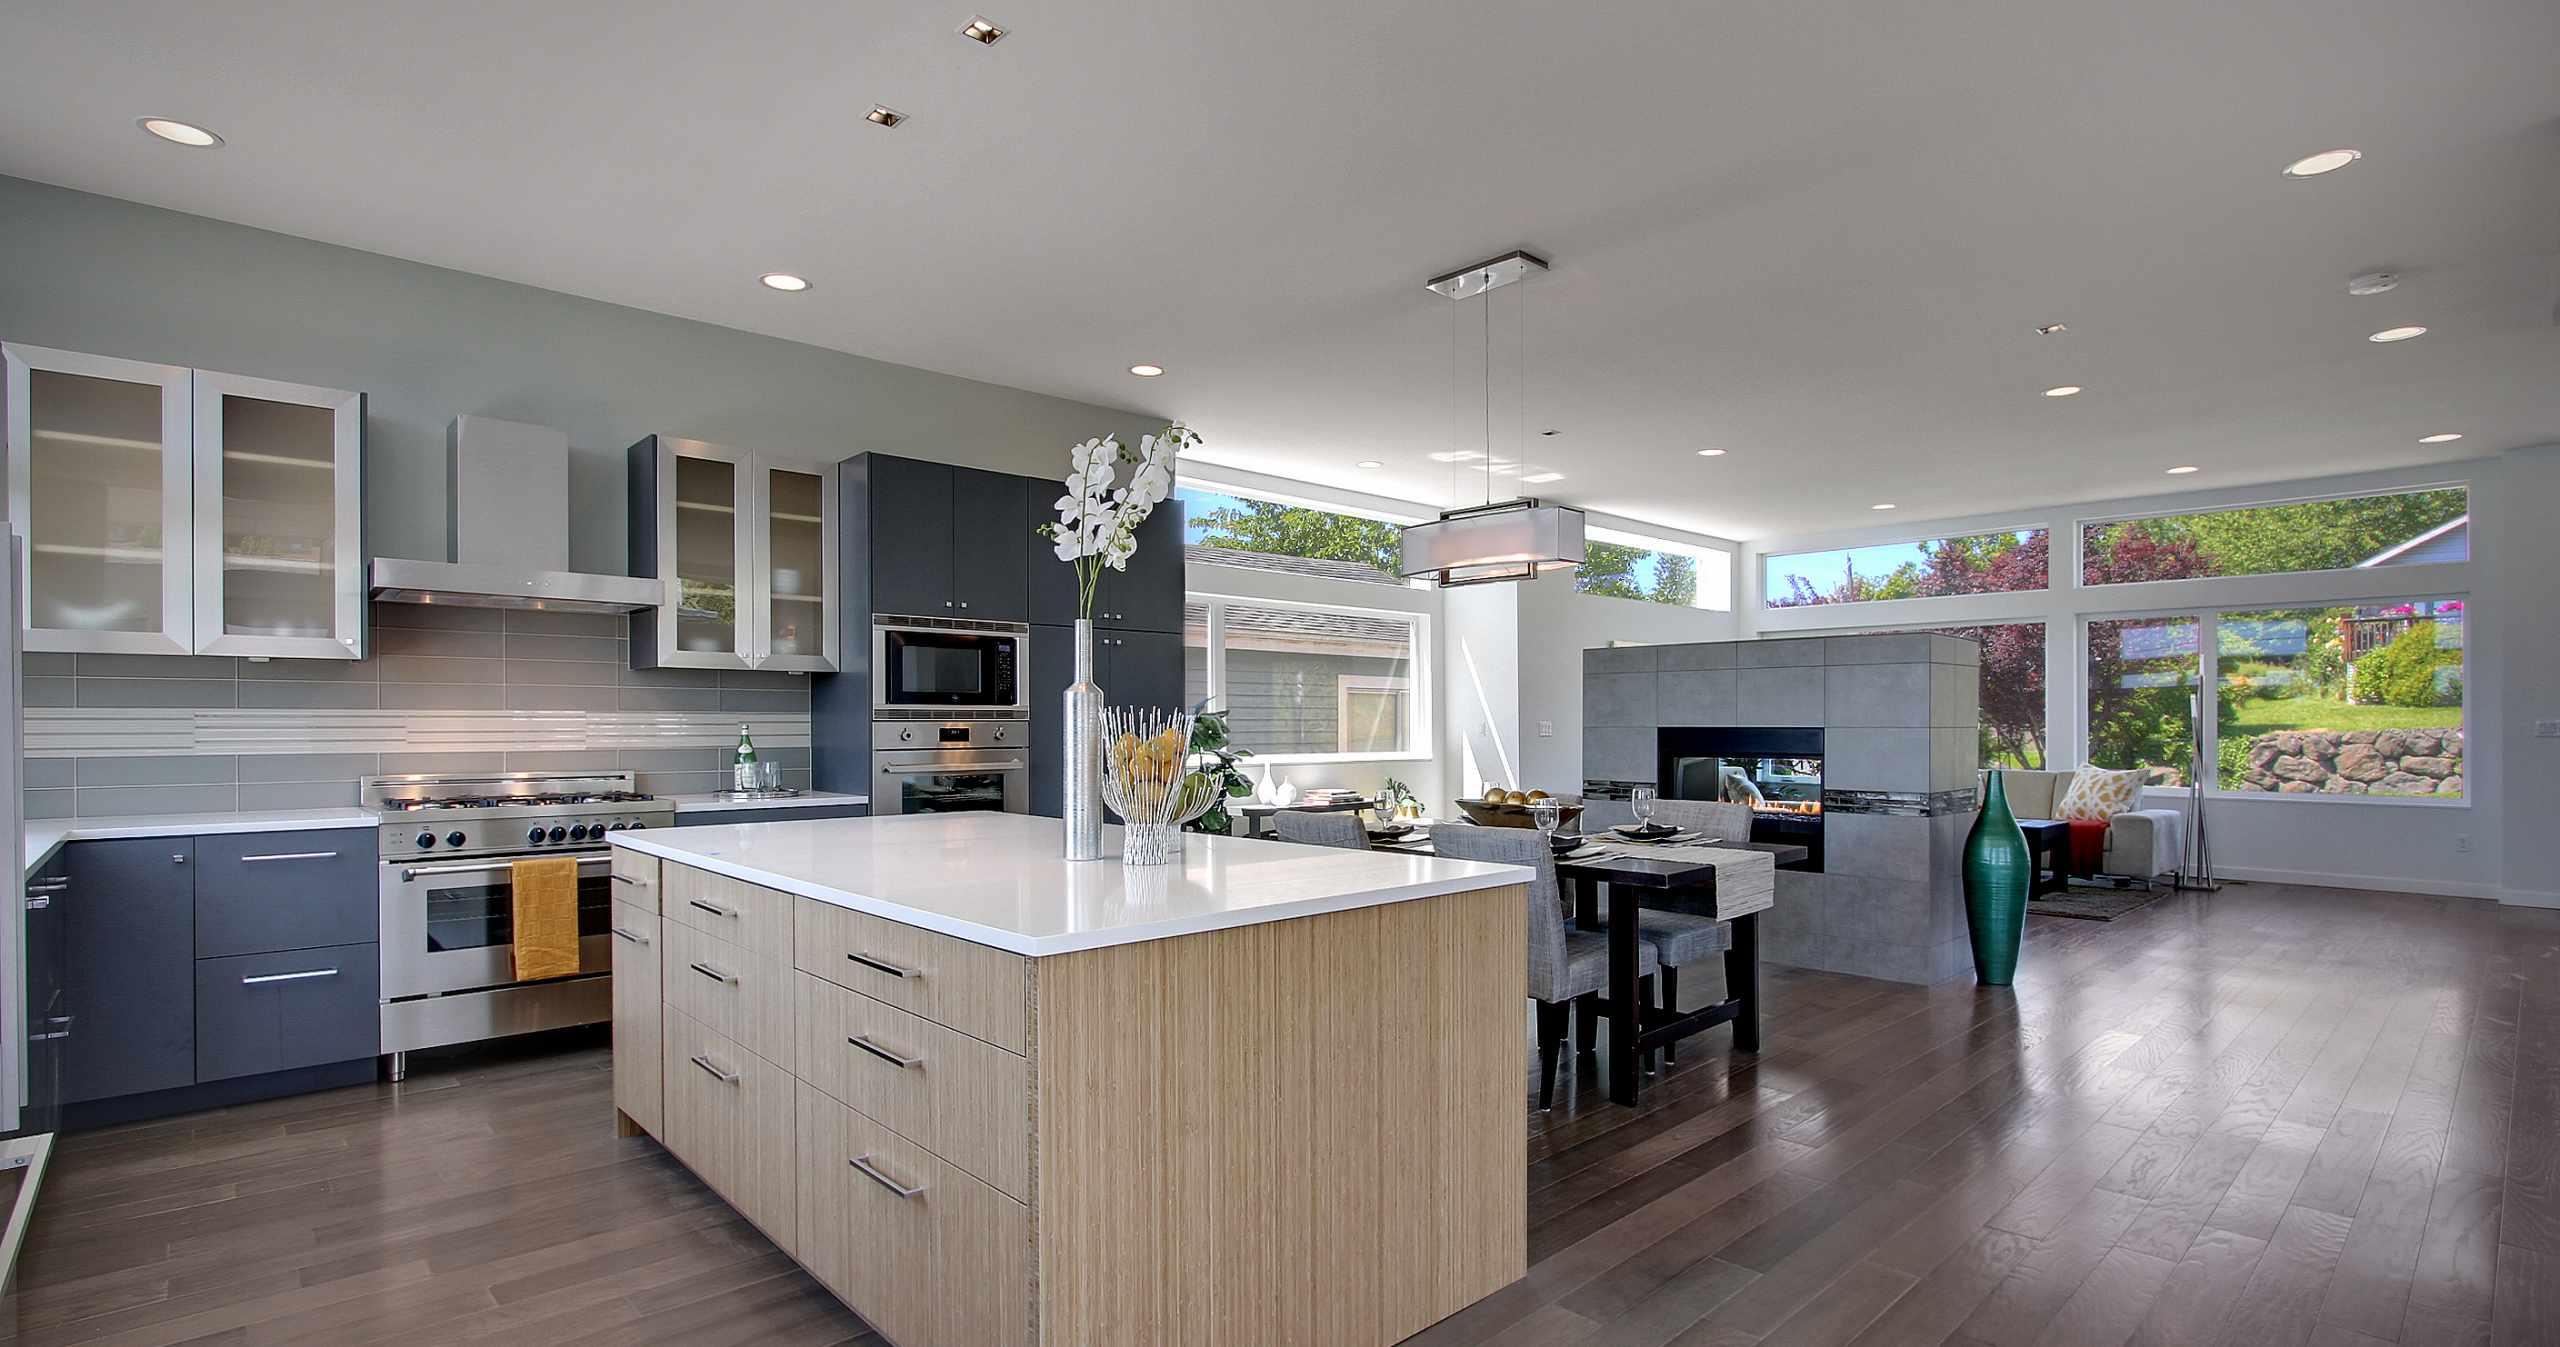 Modern Kitchen, Kitchen Island, Stainless Steel Appliances, Modern Cabinets